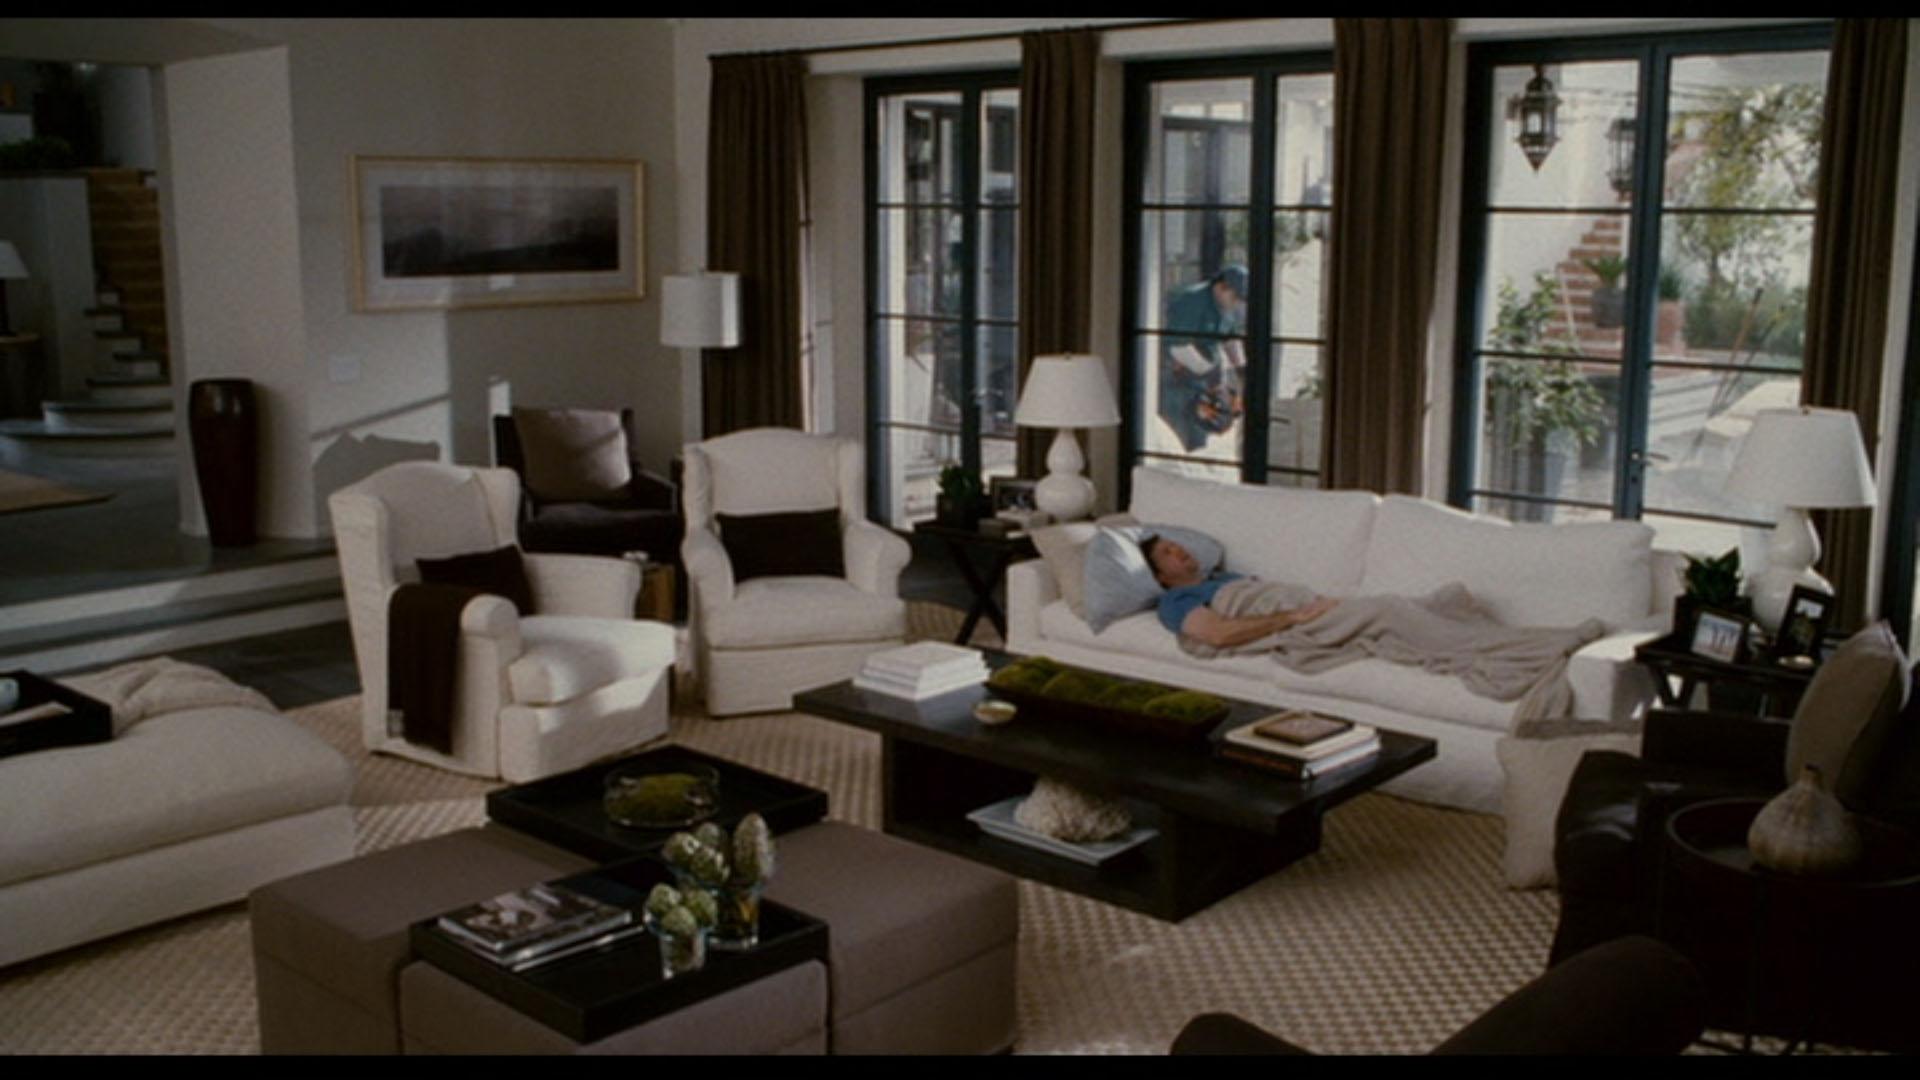 Filme Dentro Da Casa inside inspiração: o amor não tira férias - 2ª parte - a casa que a minha